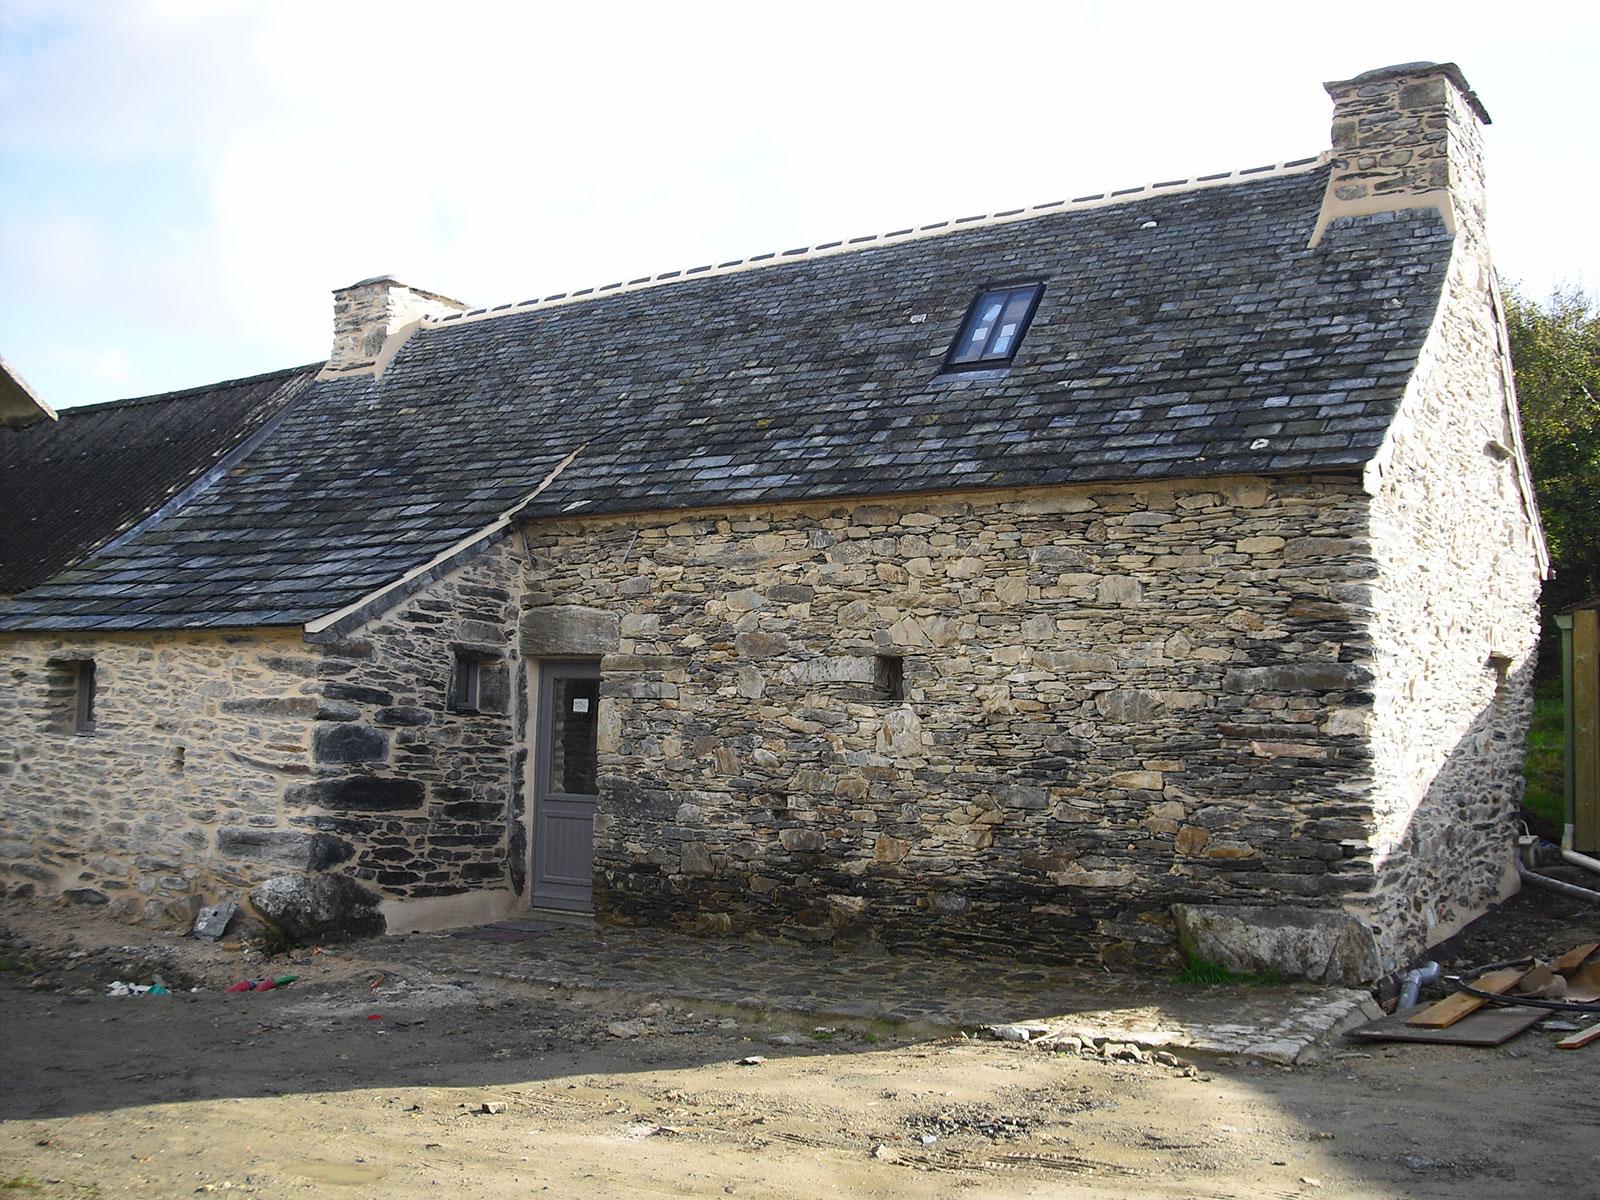 Maison en pierre seche avie home - Maison en pierre seche ...